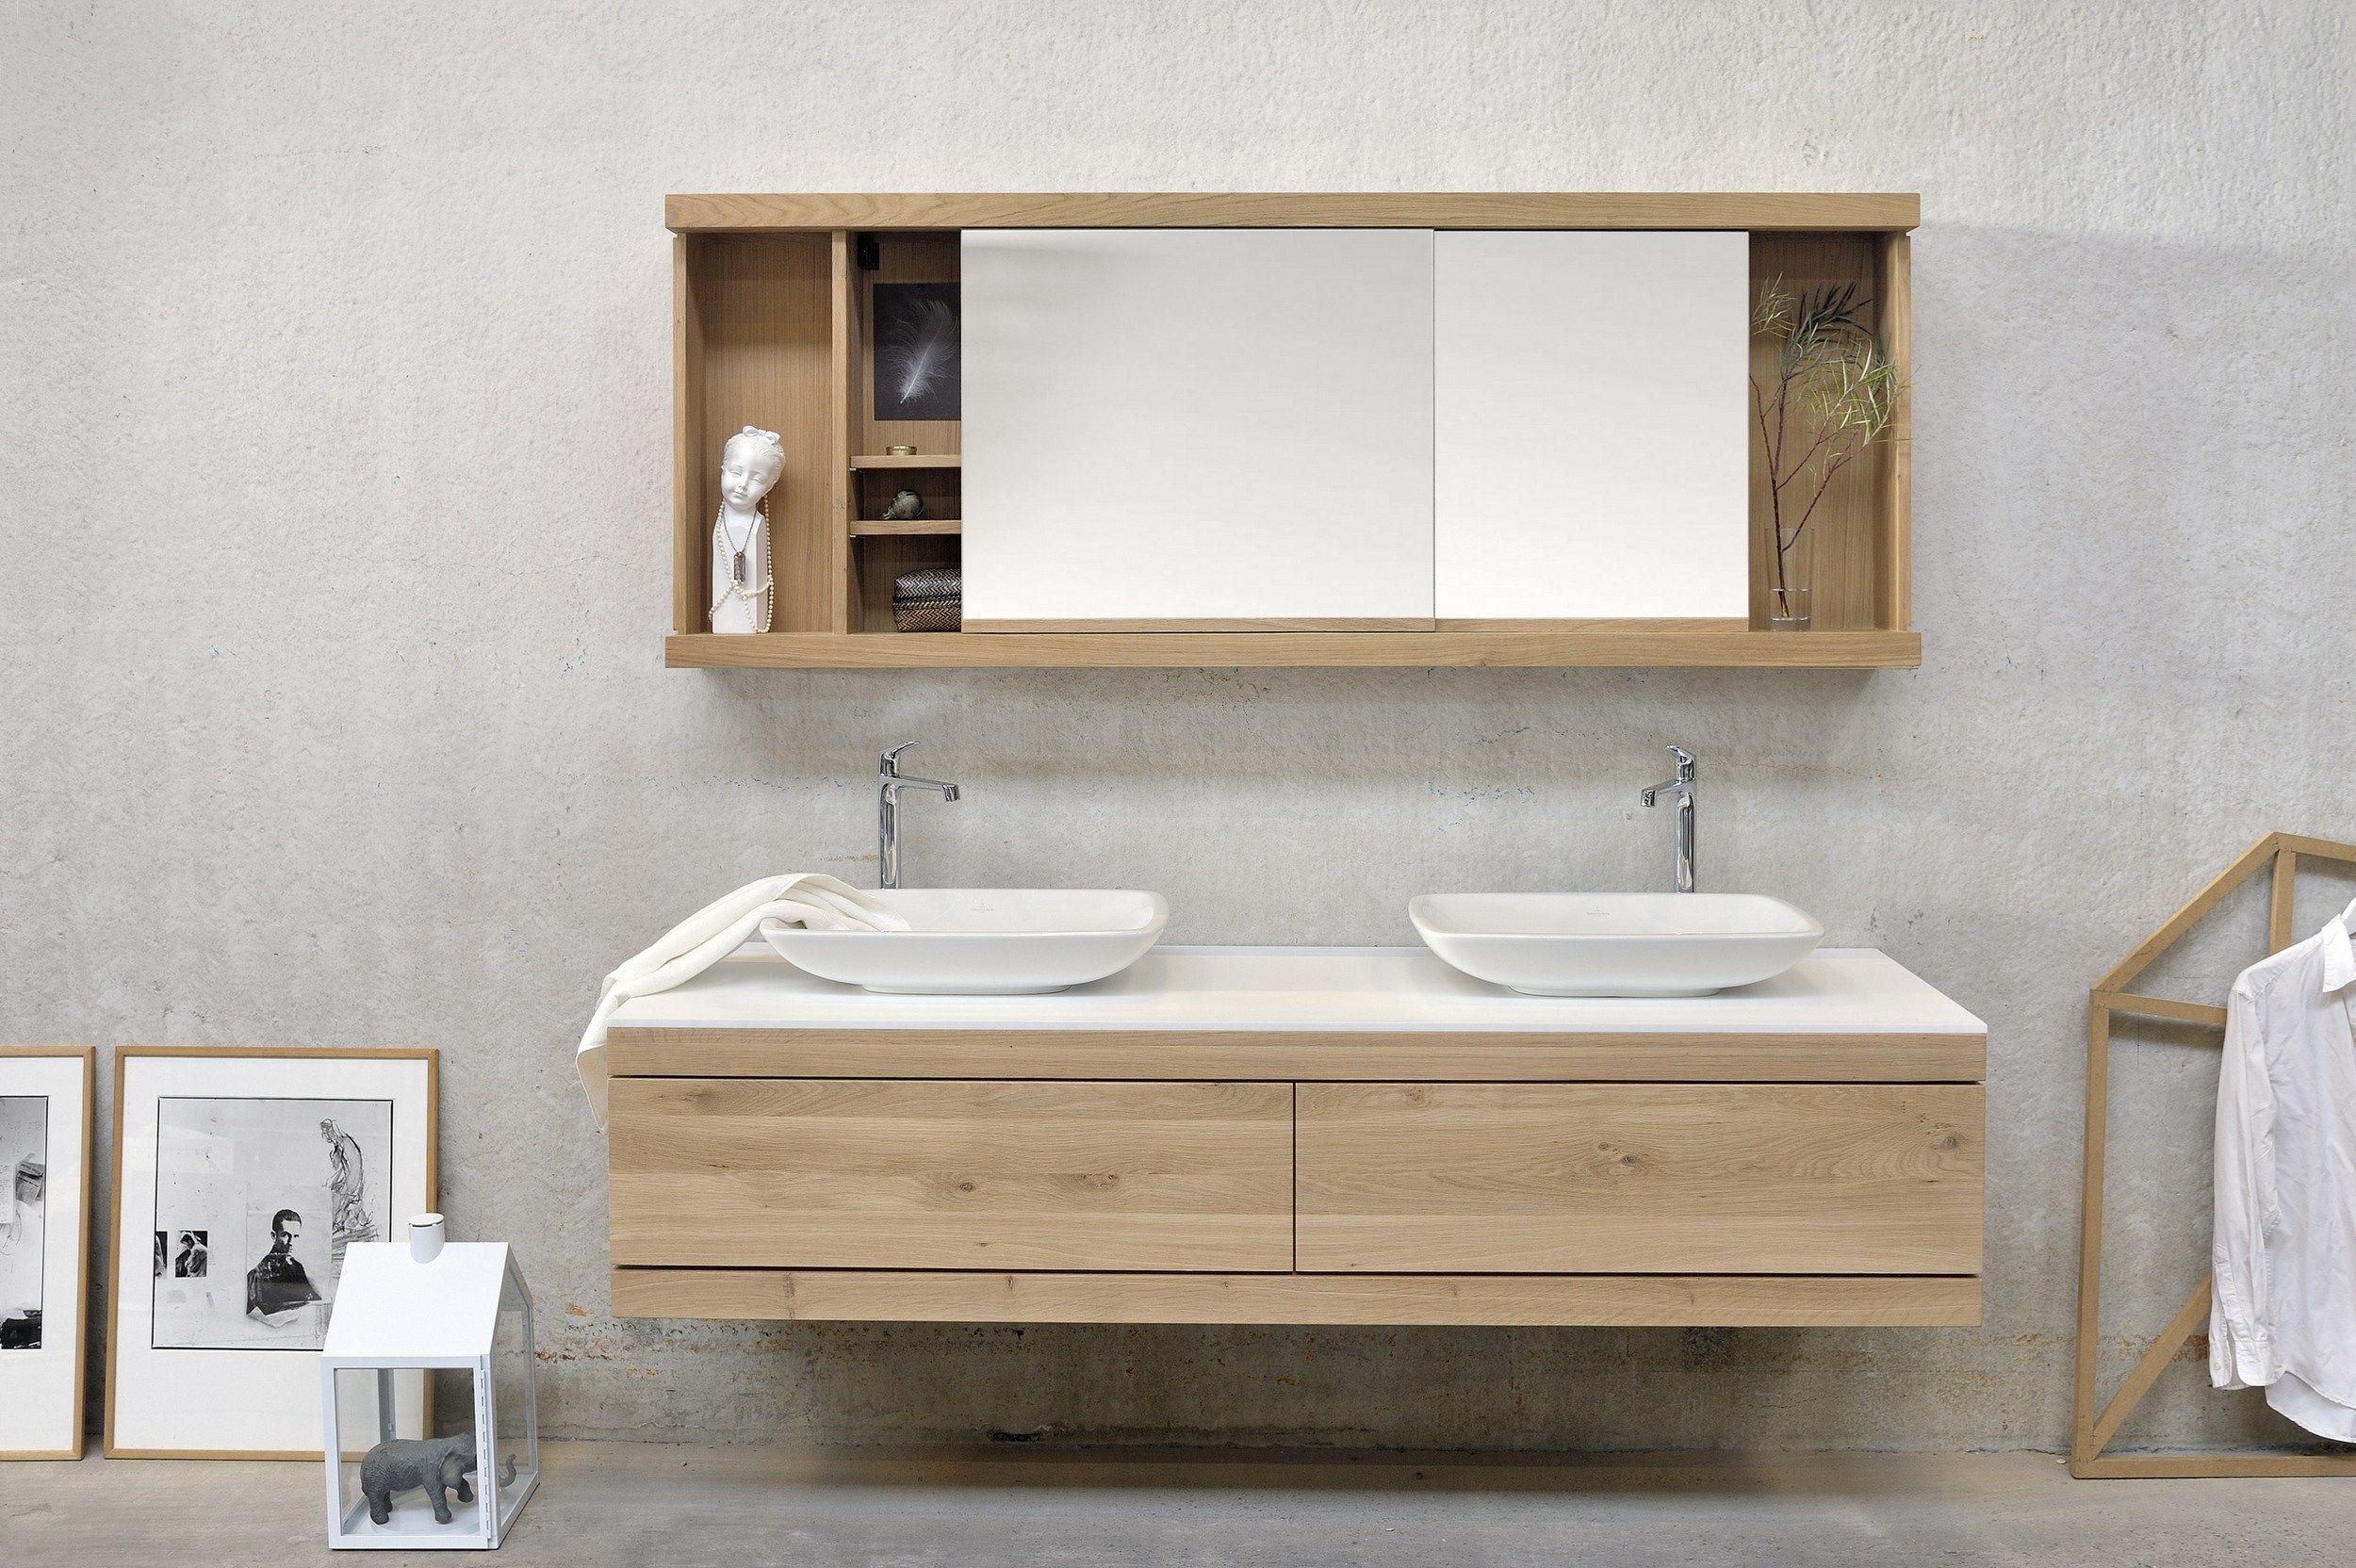 Oak cadence specchio con contenitore by ethnicraft - Specchio bagno legno ...